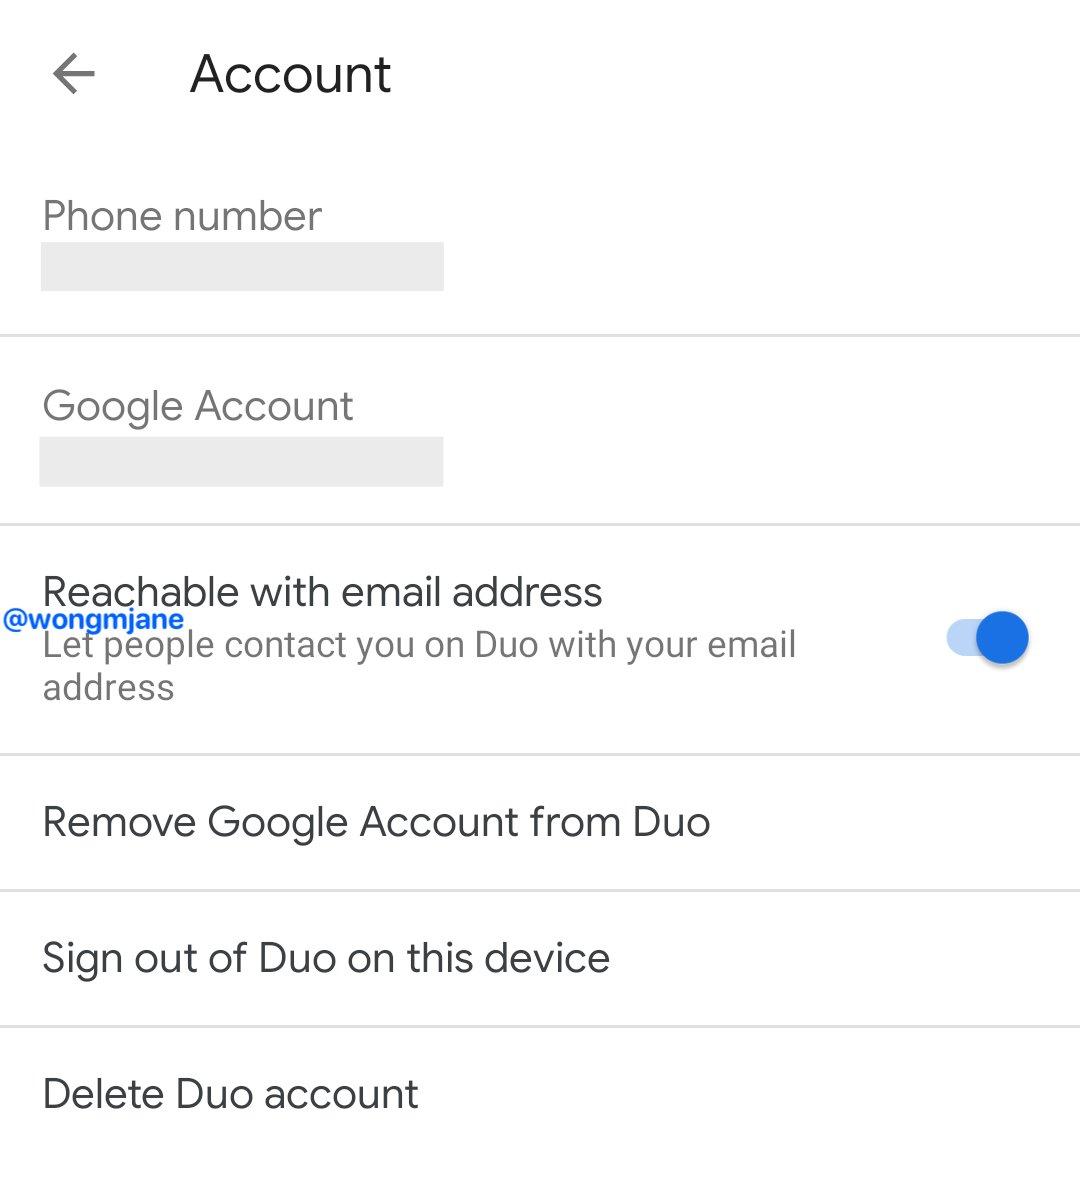 تطبيق Duo سيسمح للمستخدمين الاتصال بك دون معرفة رقم هاتفك قريبًا